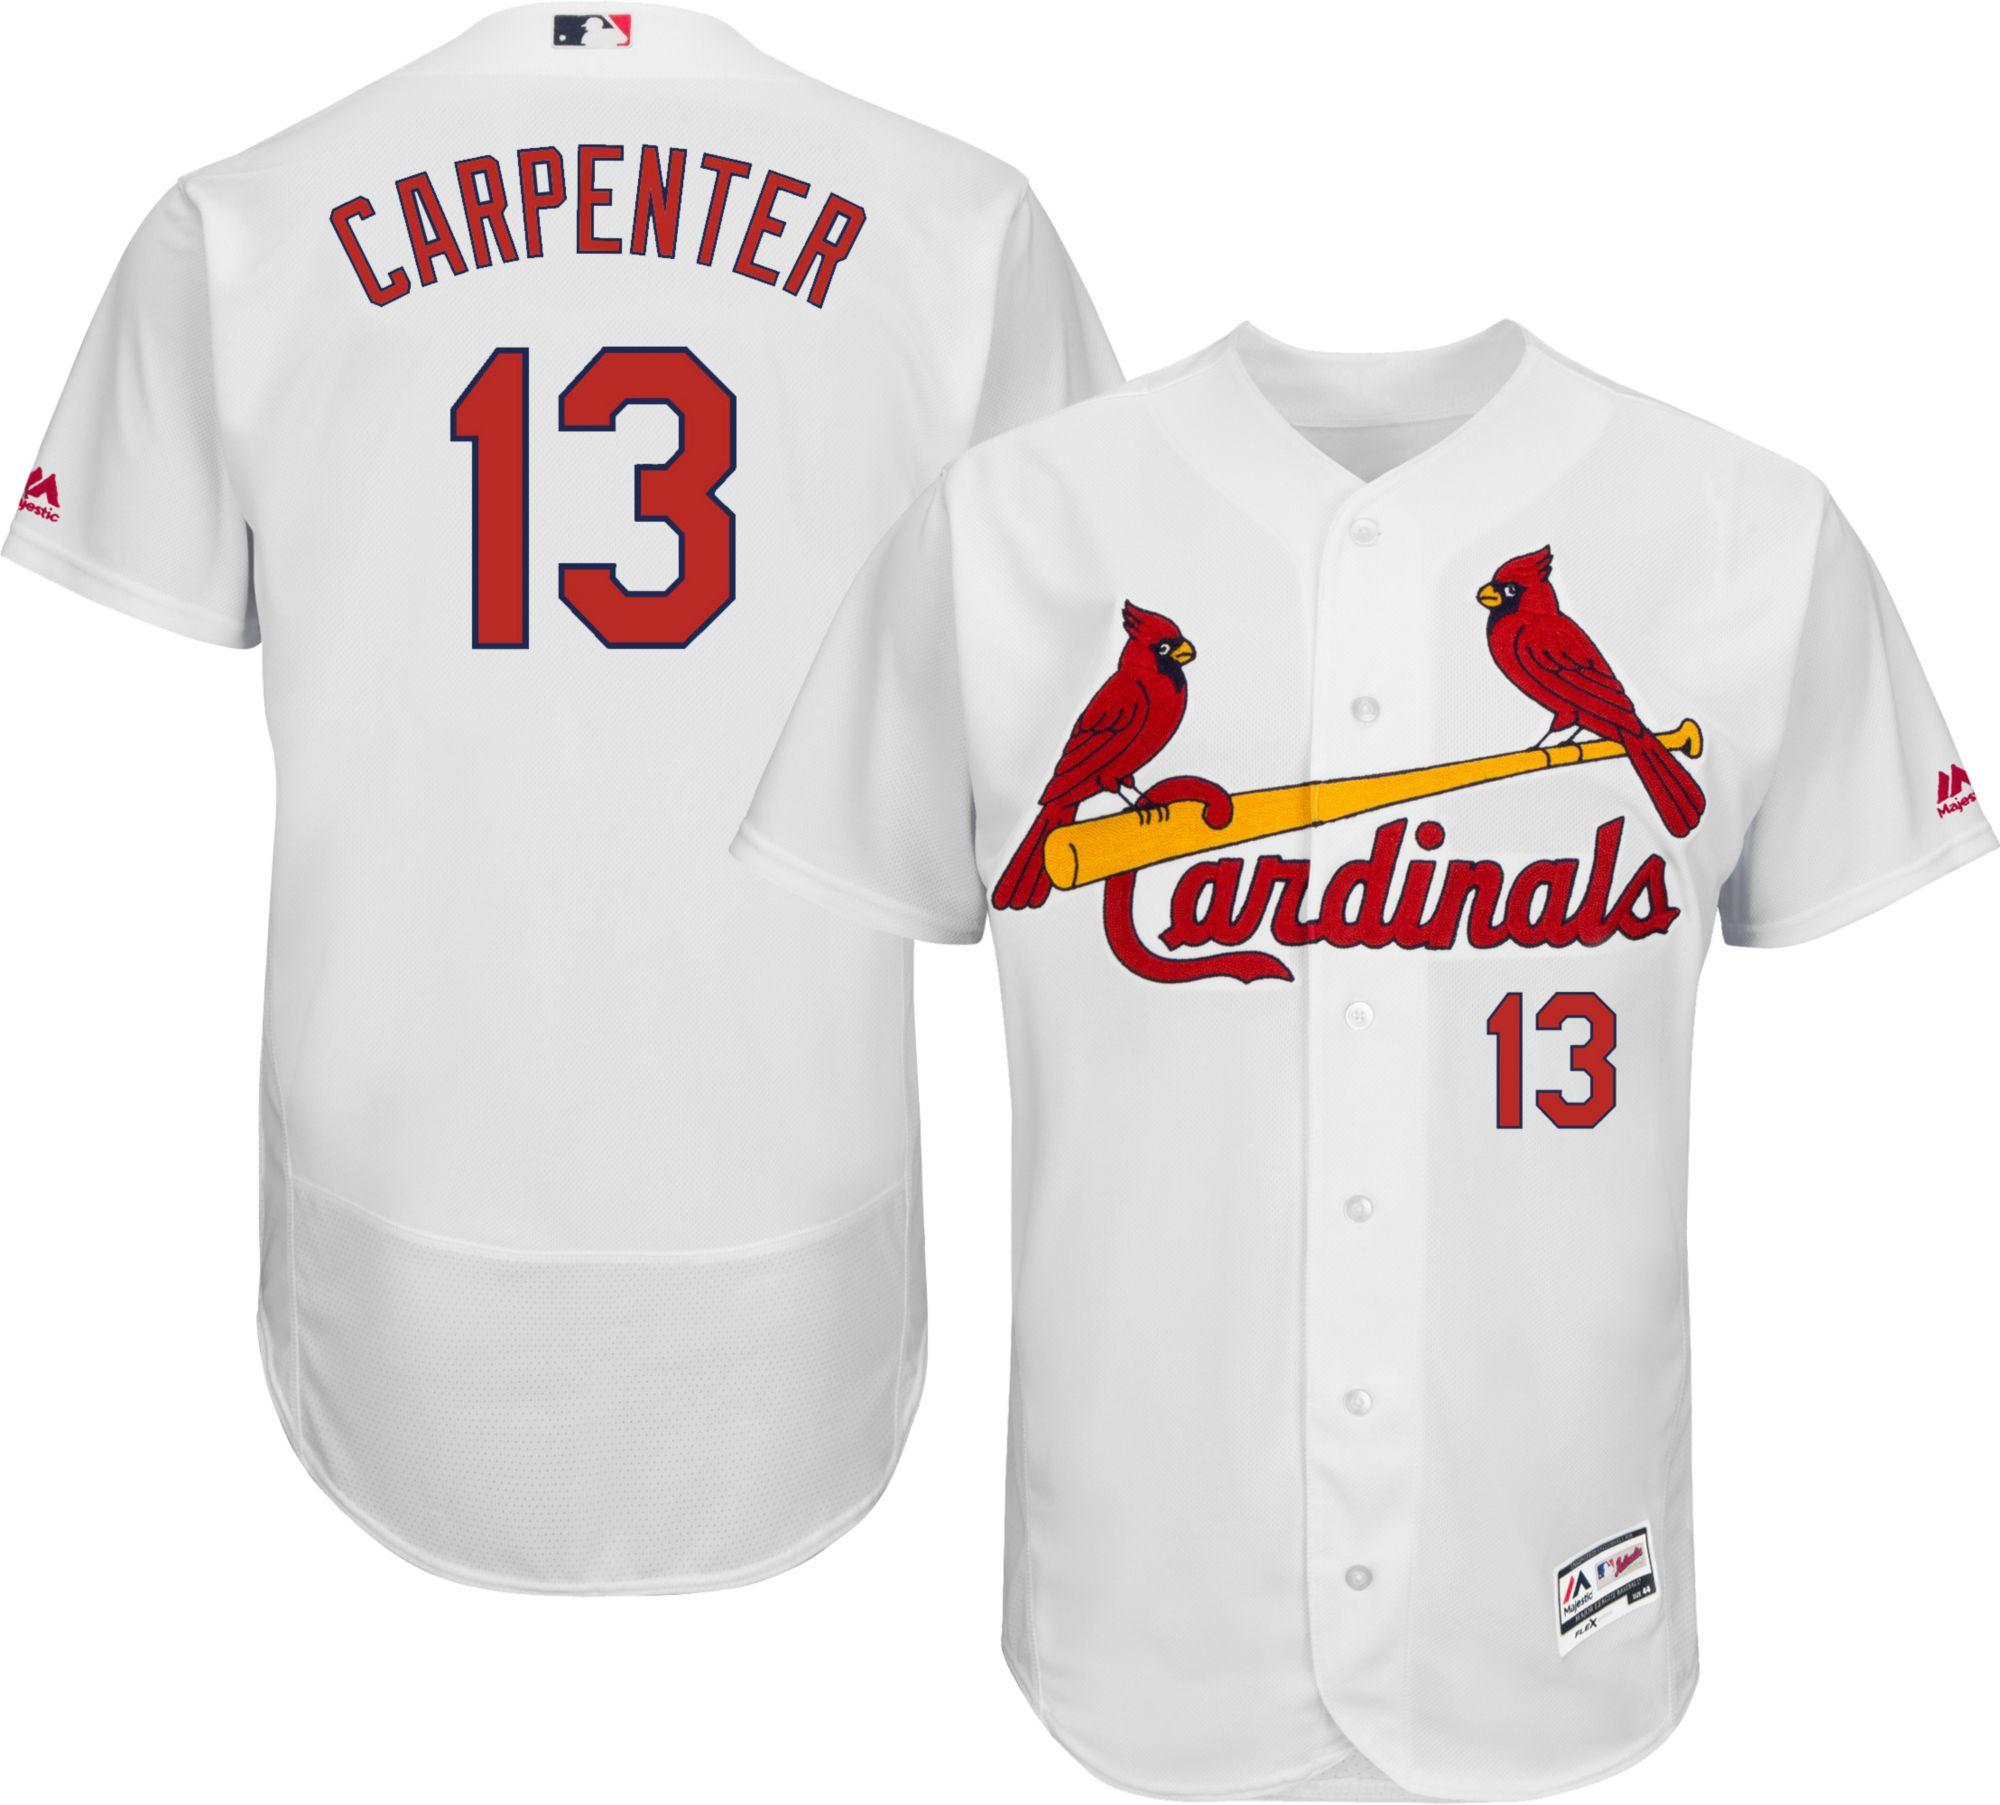 Men's St. Louis Cardinals #13 Matt Carpenter White 2016 Flexbase Majestic Baseball Jersey